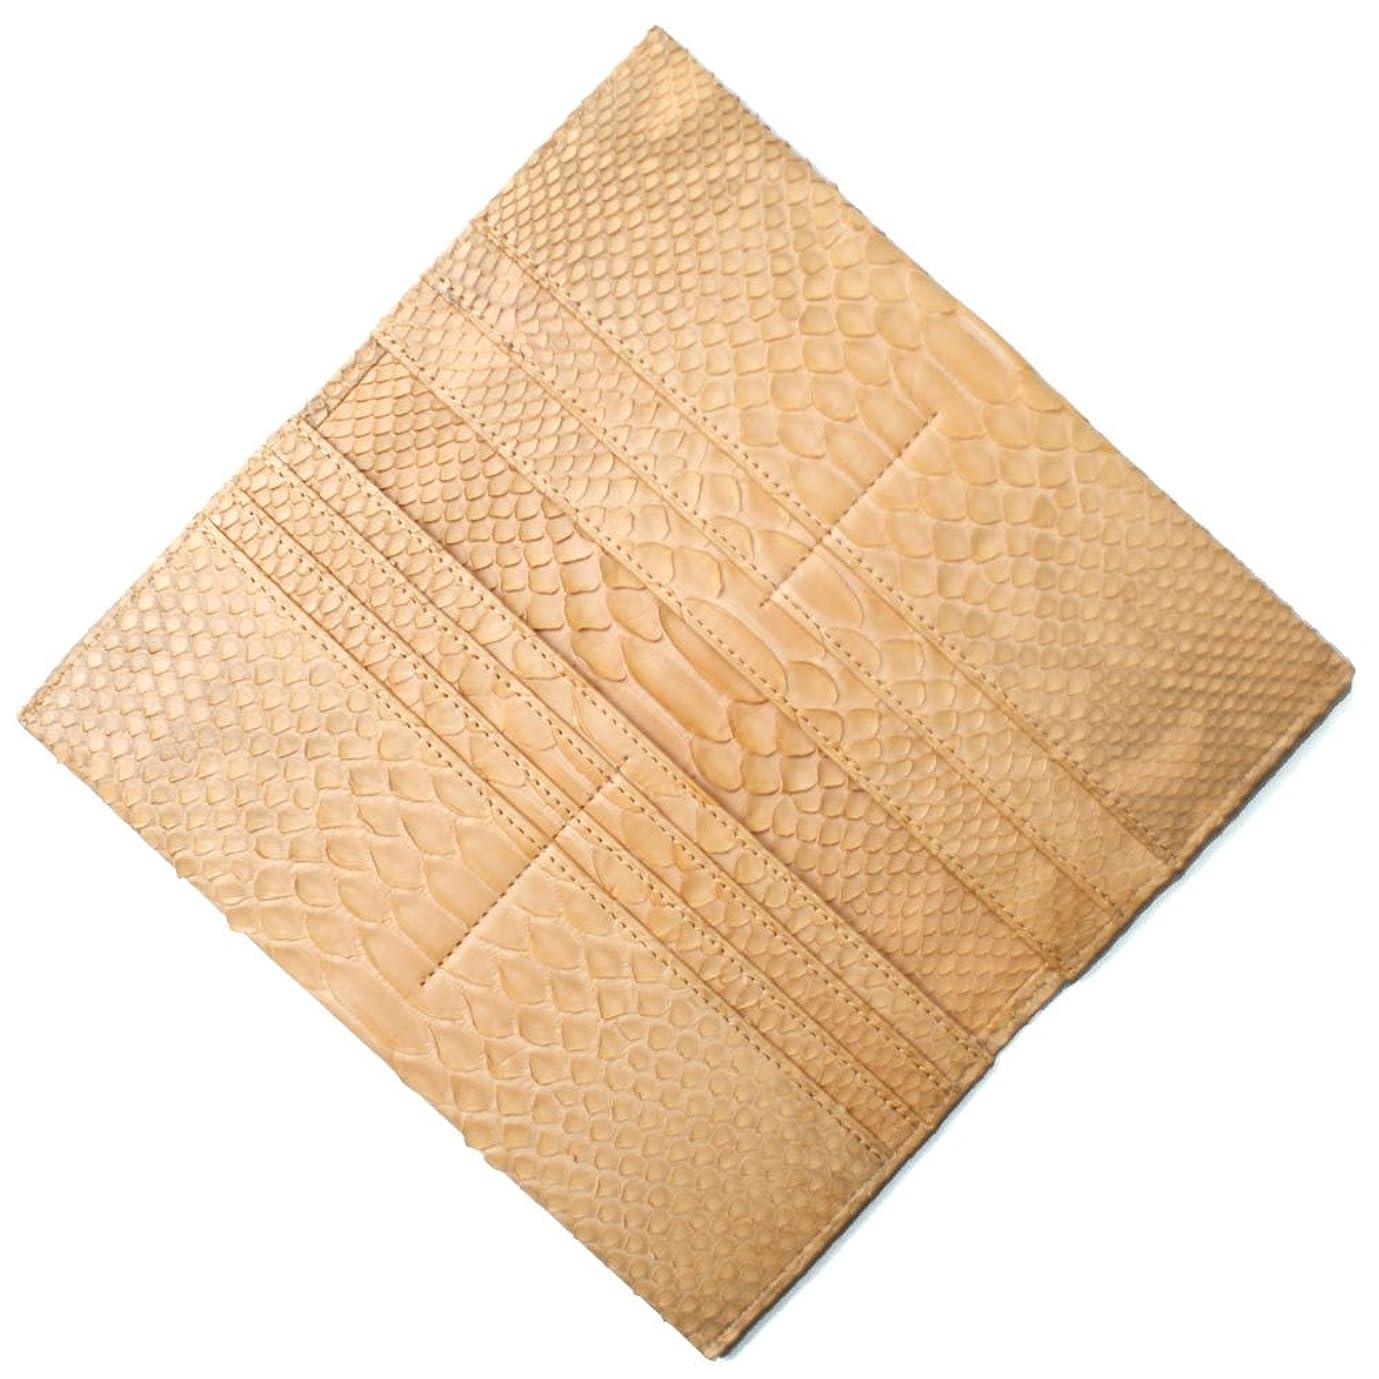 利益煩わしい評価可能MT1077-ORANGE パイソン革「蛇革」 マチなし長財布「小銭入れ無し」-マット:オレンジ